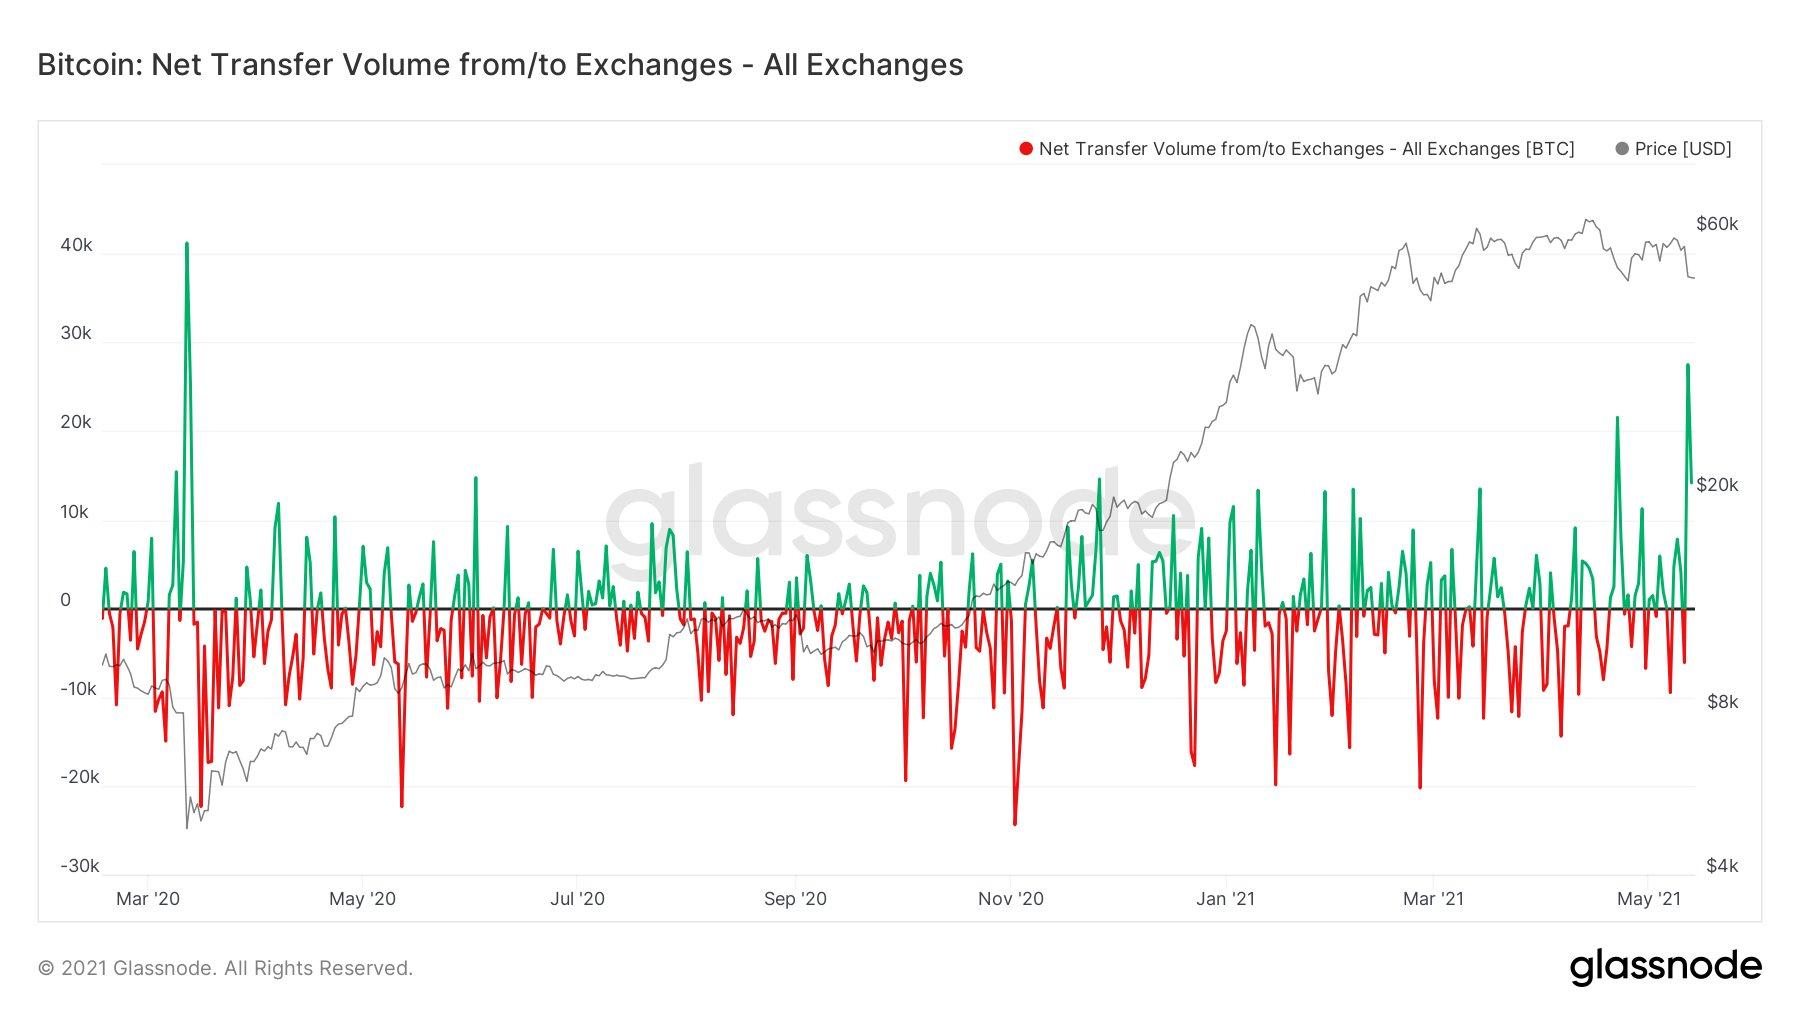 Bitcoin 'held up very well' despite biggest exchange inflow since March 2020 crash